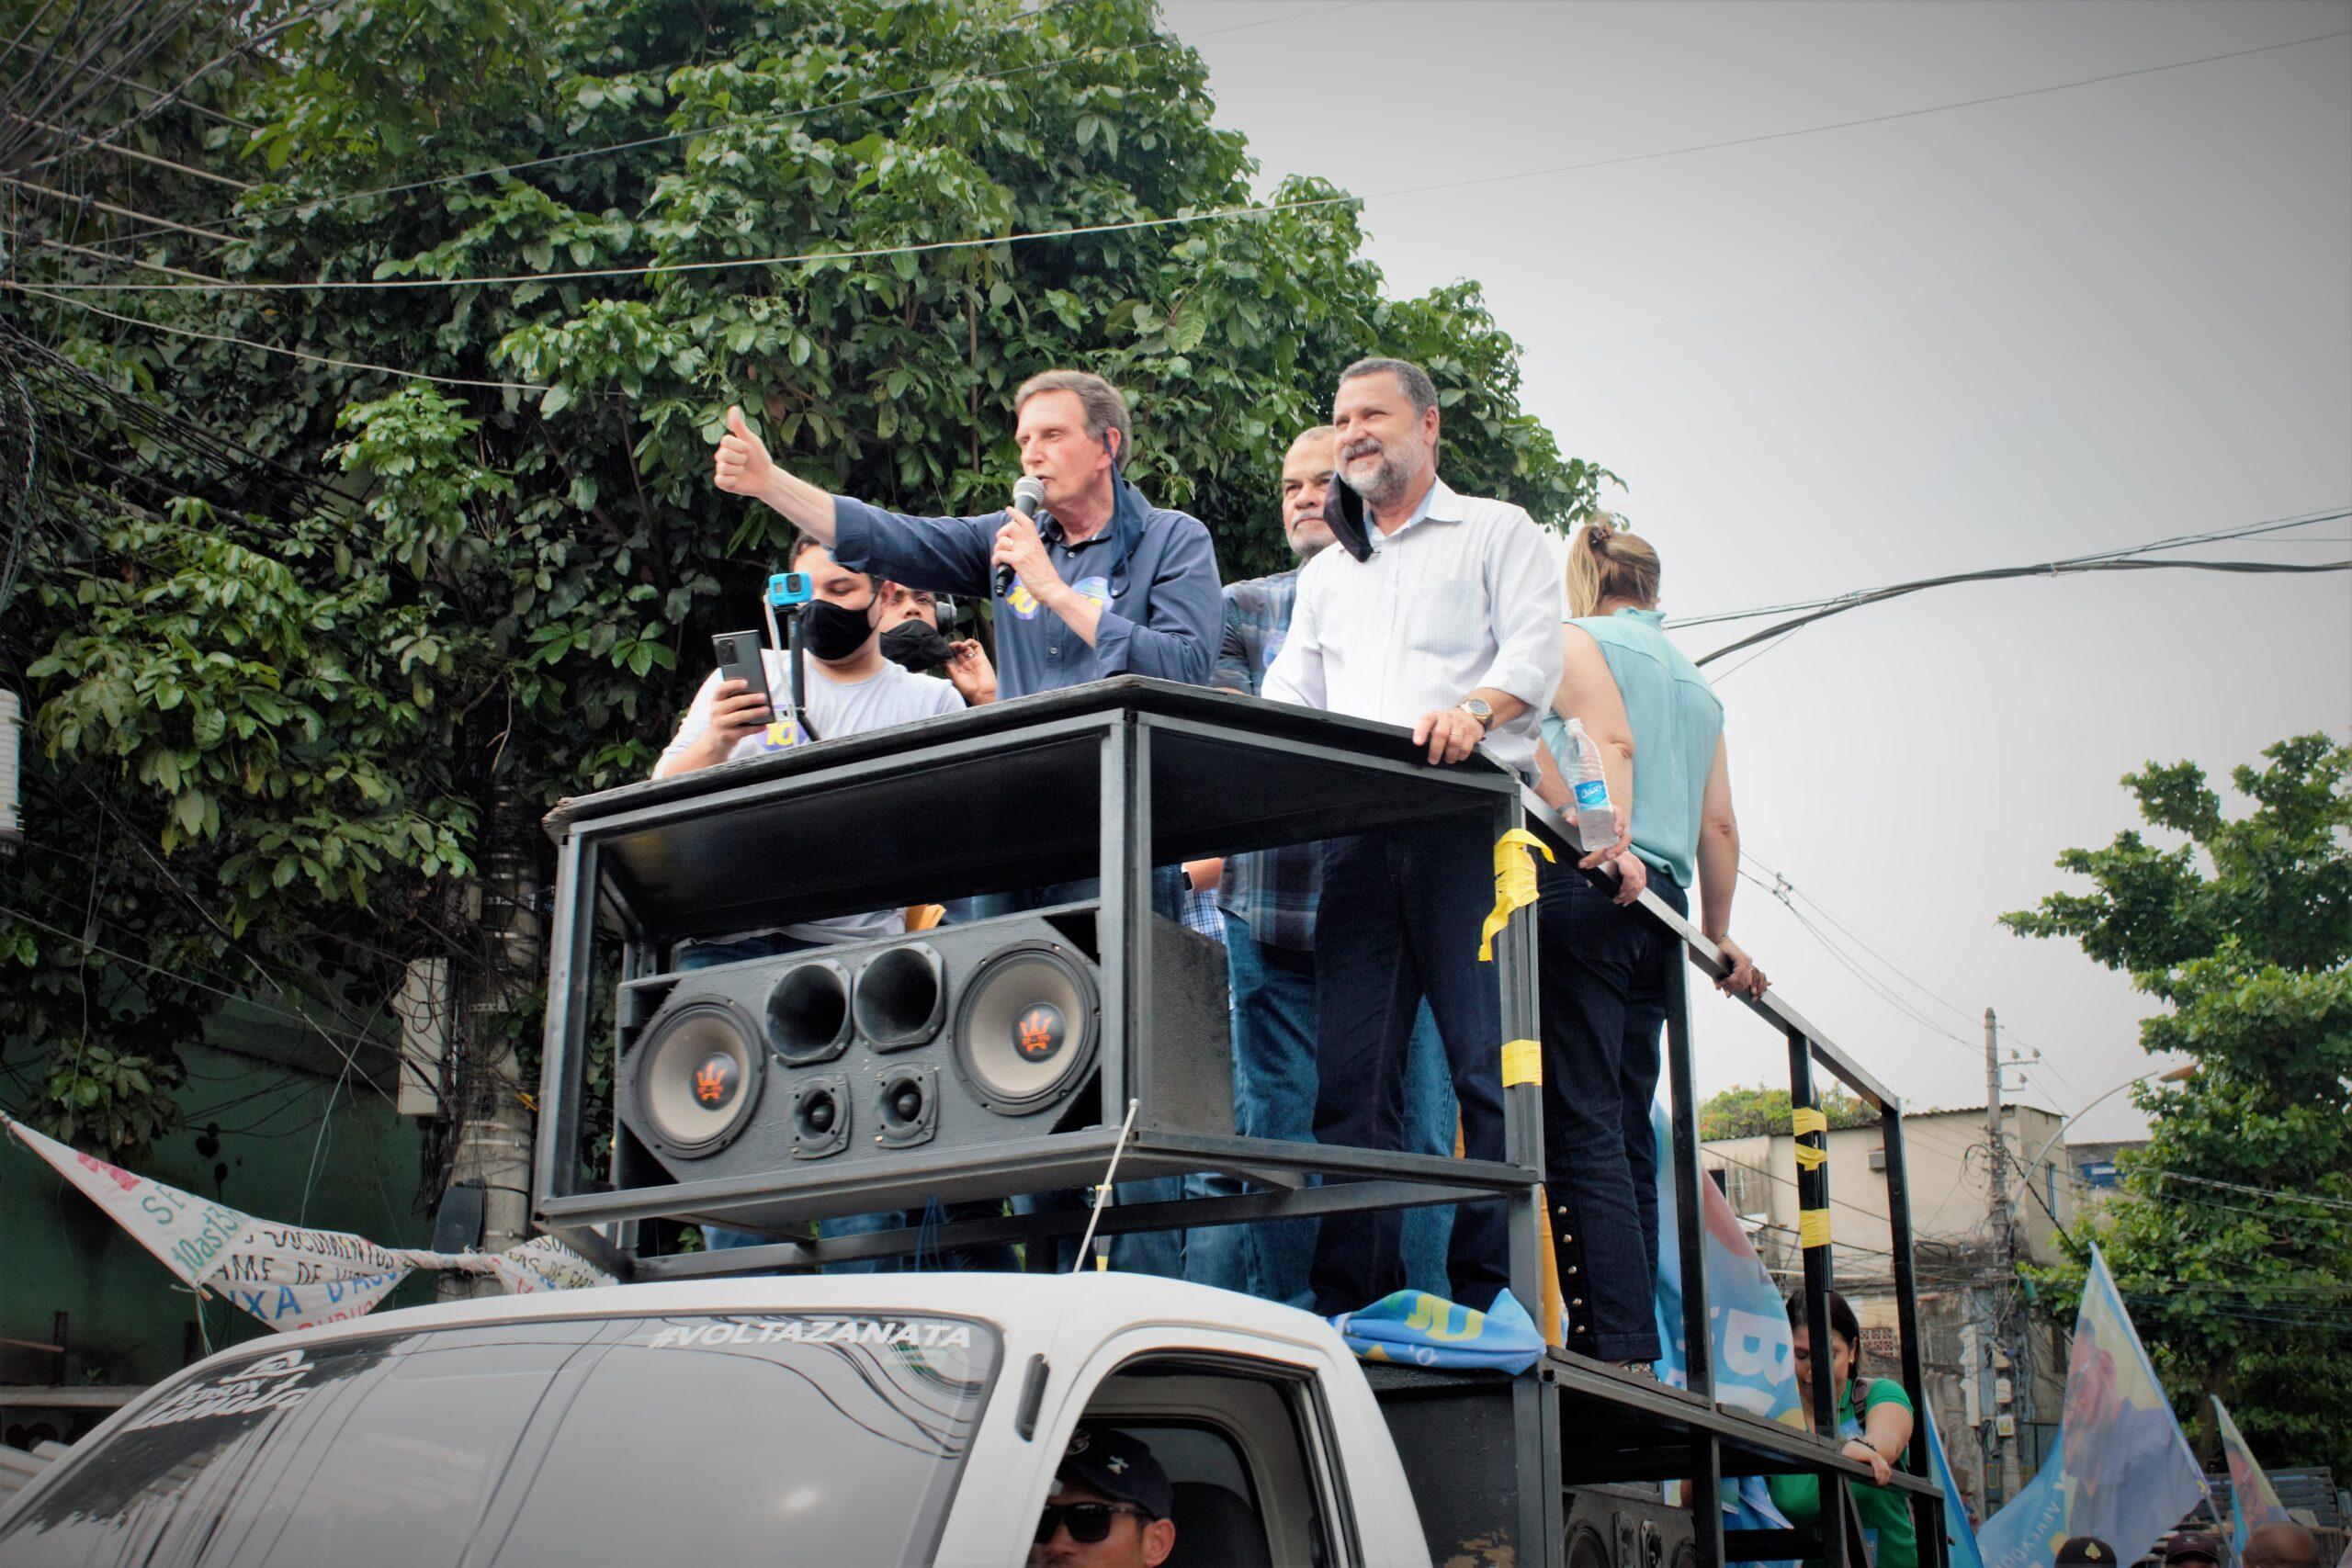 Marcelo Crivella (Republicanos) faz carreata pelo Complexo do Alemão